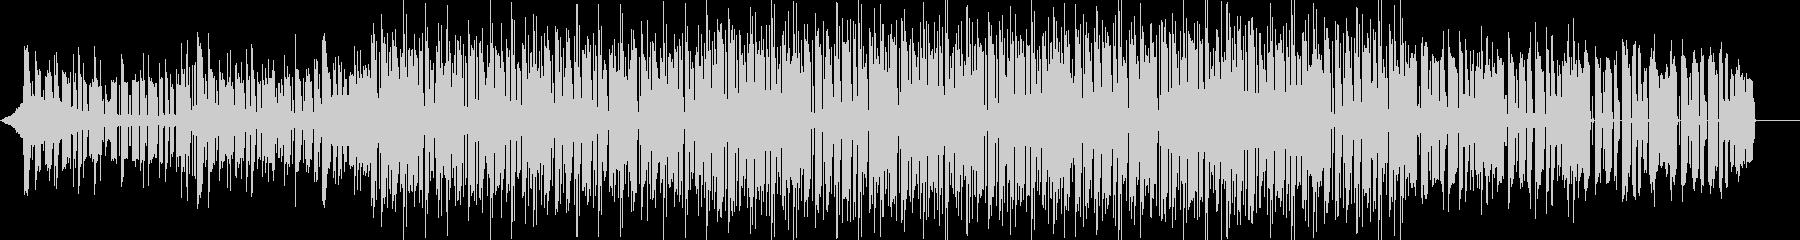 ノリノリなチップチューンEDM・8bitの未再生の波形